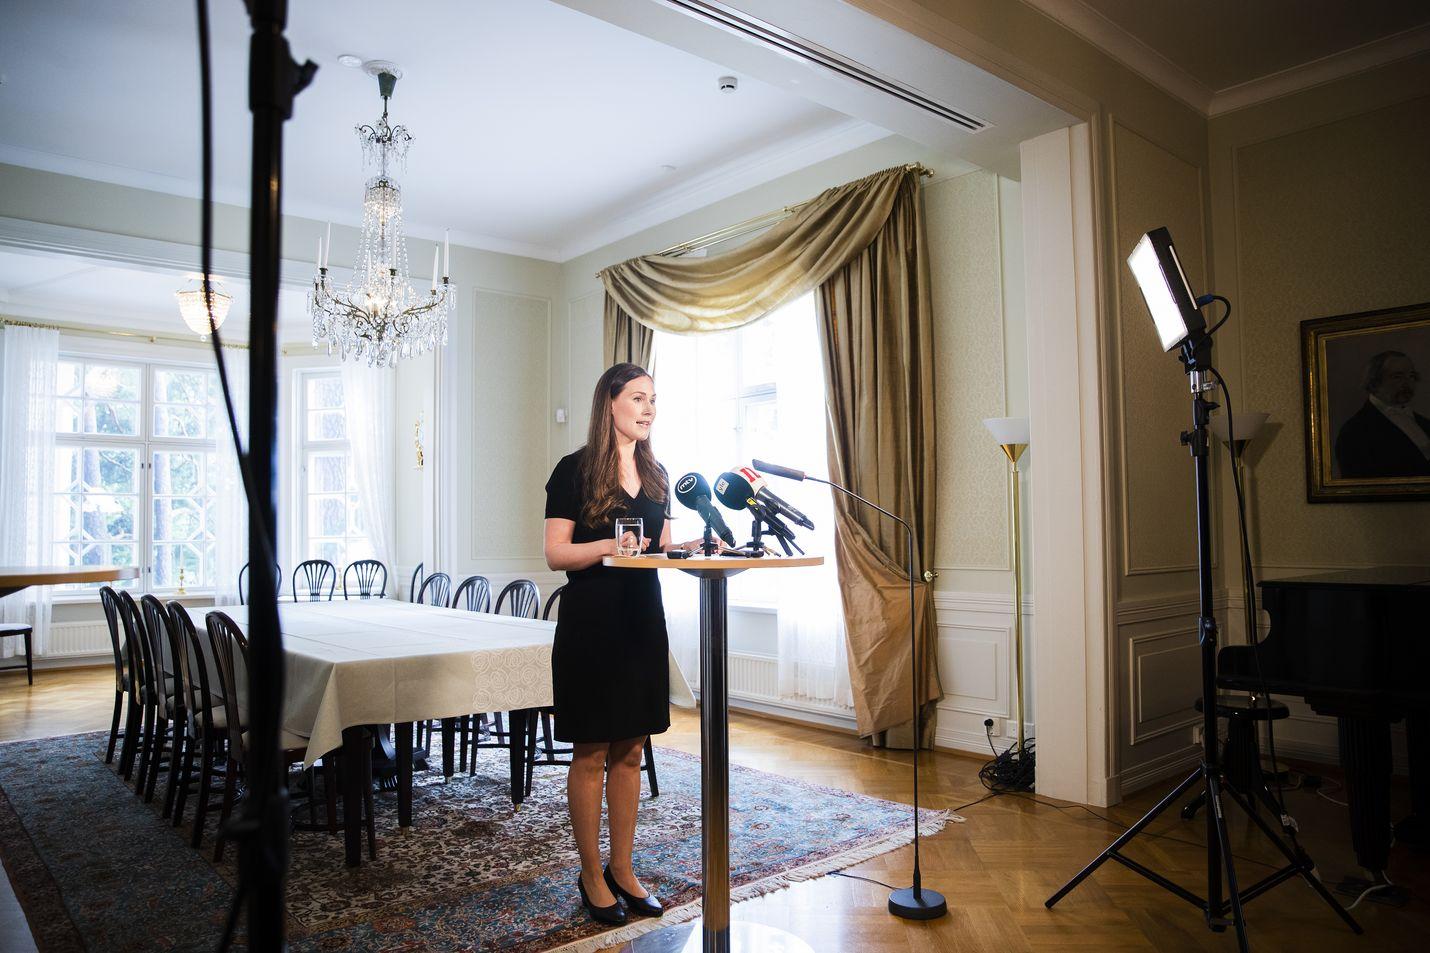 Vastikään avioitunut pääministeri Sanna Marin (sd.) piti tiedotustilaisuuden 22. heinäkuuta. Sdp:n ennätyksellinen suosio on ainakin osittain hänen ansiotaan.